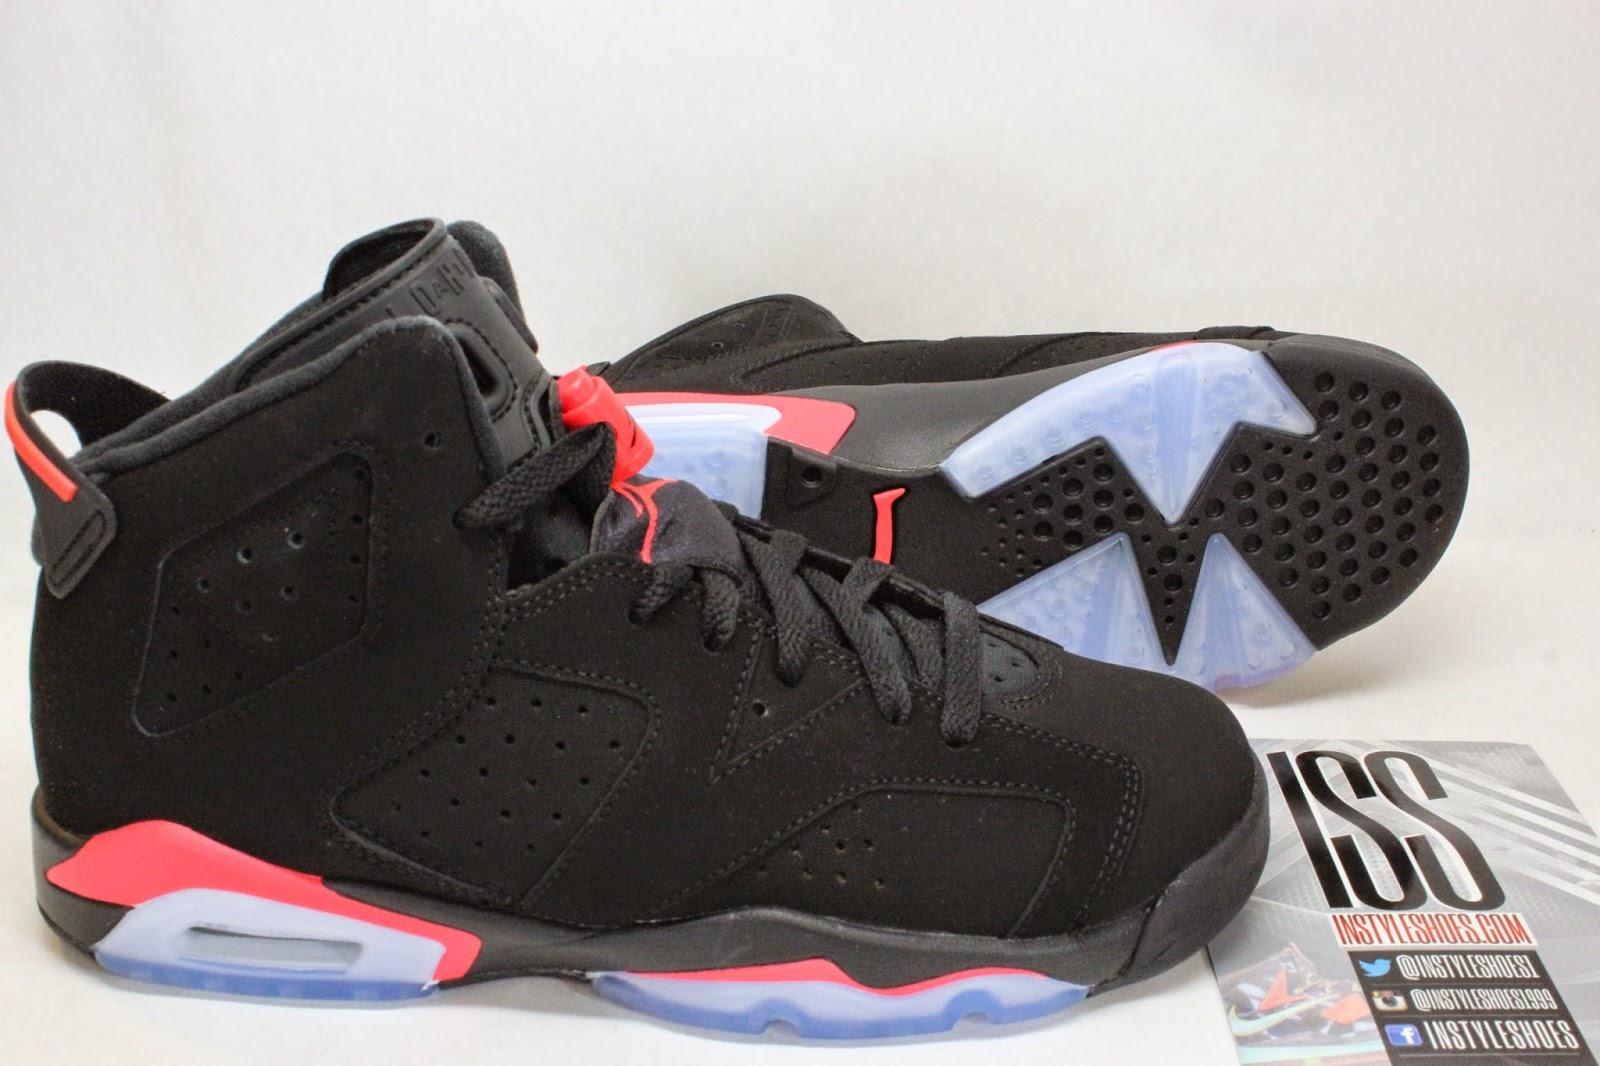 Jordan Brand Nike Air Jordan 6 Retro OG Infrared (Black